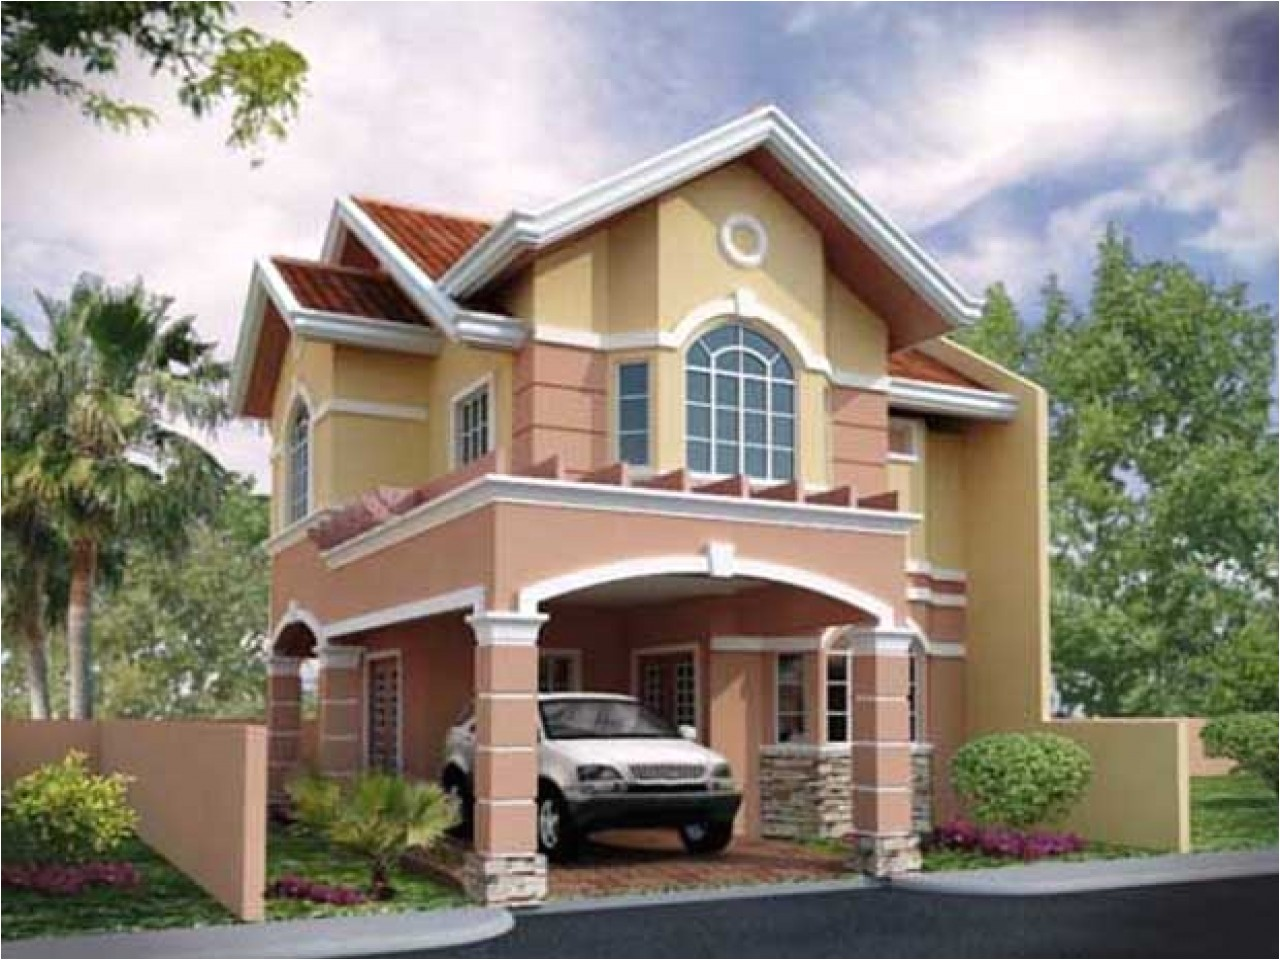 2aa95c5fc301c6d3 simple house plans designs simple square house plans